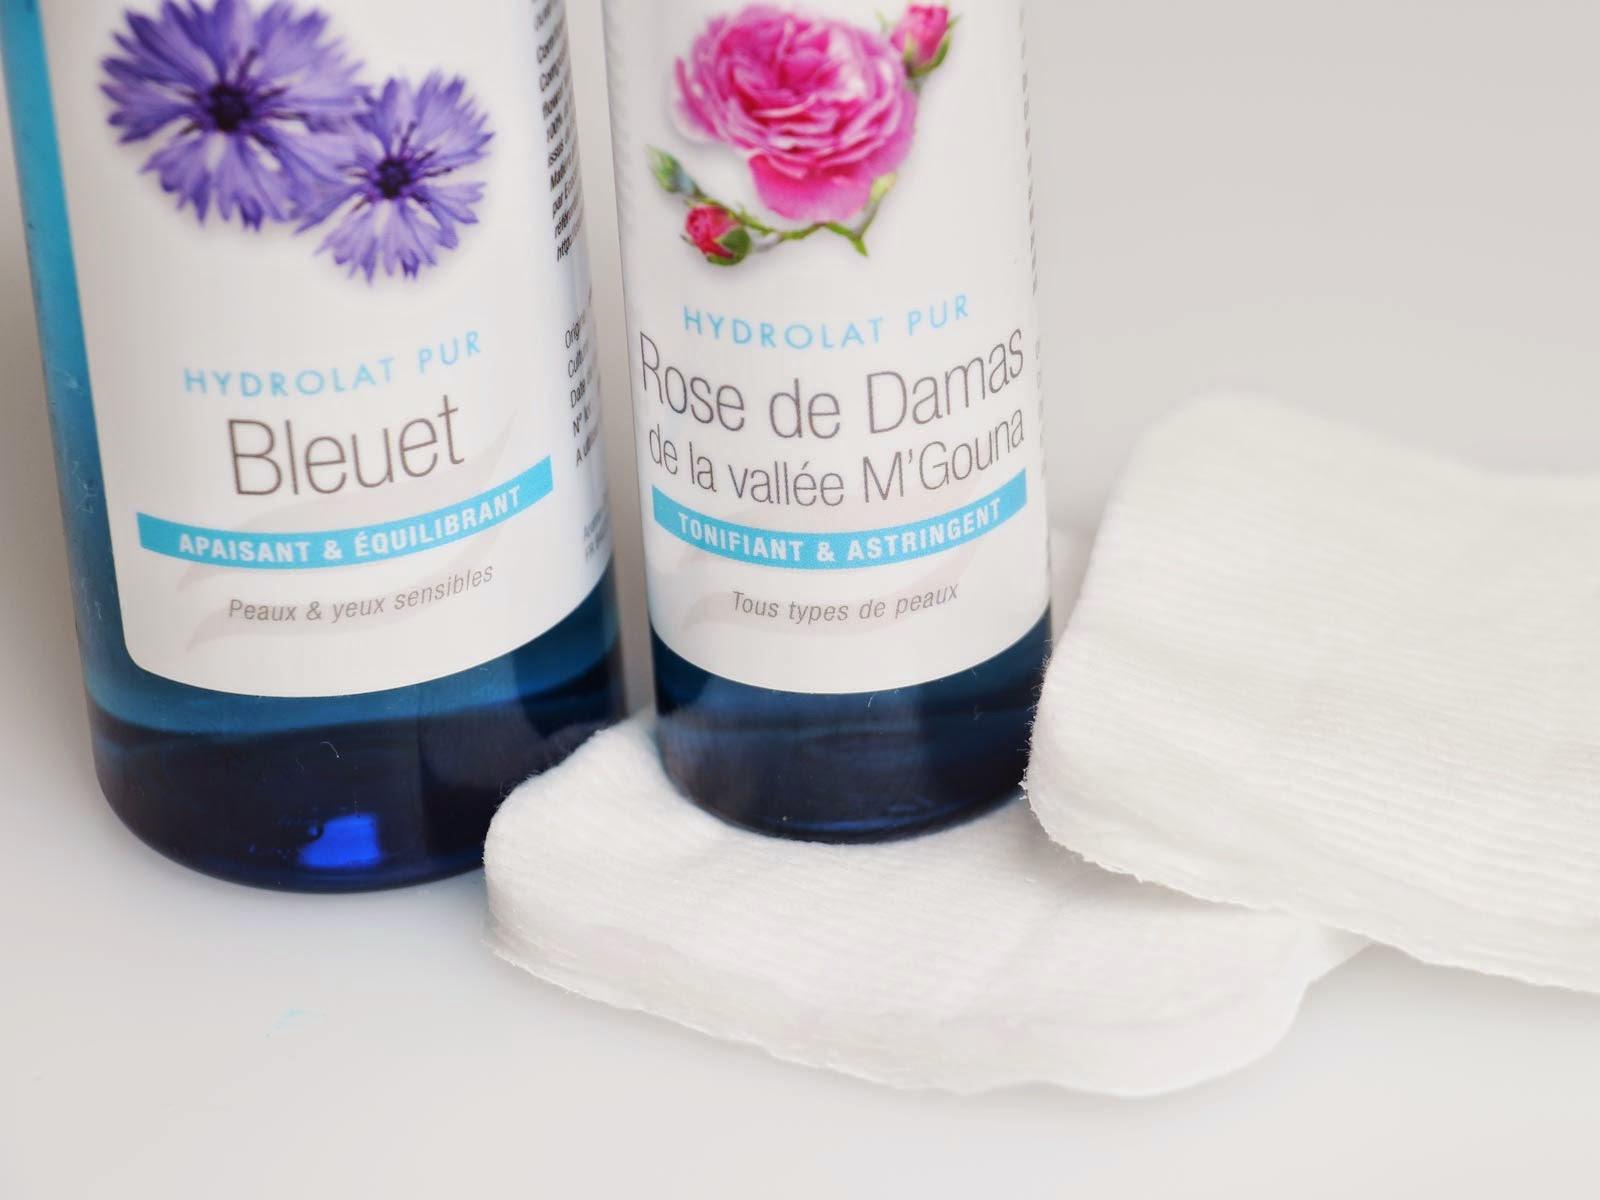 hydrolat bleuet